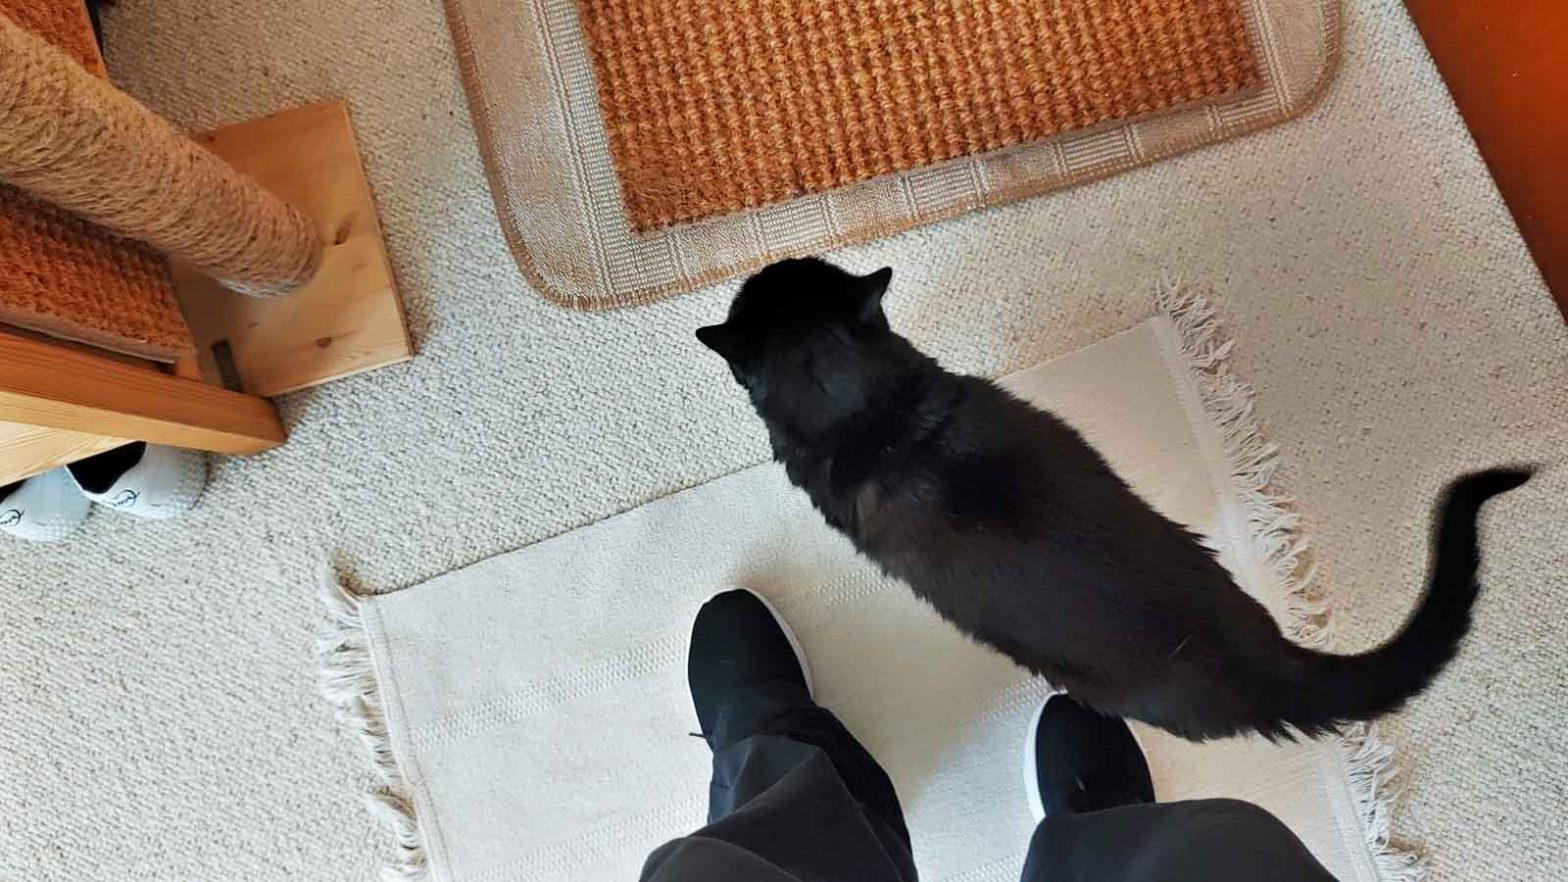 Katze läuft zwischen Beinen. Luzi ist eine Meisterin dieses Faches.